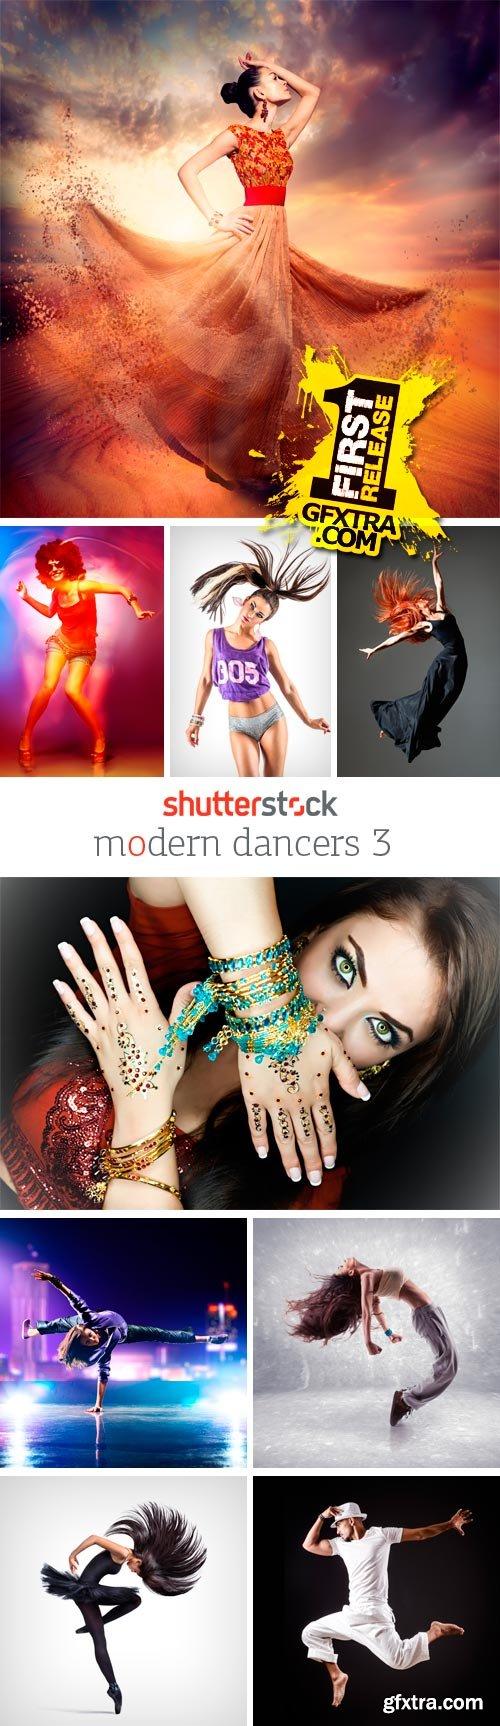 Amazing SS - Modern Dancers 3, 25xJPGs